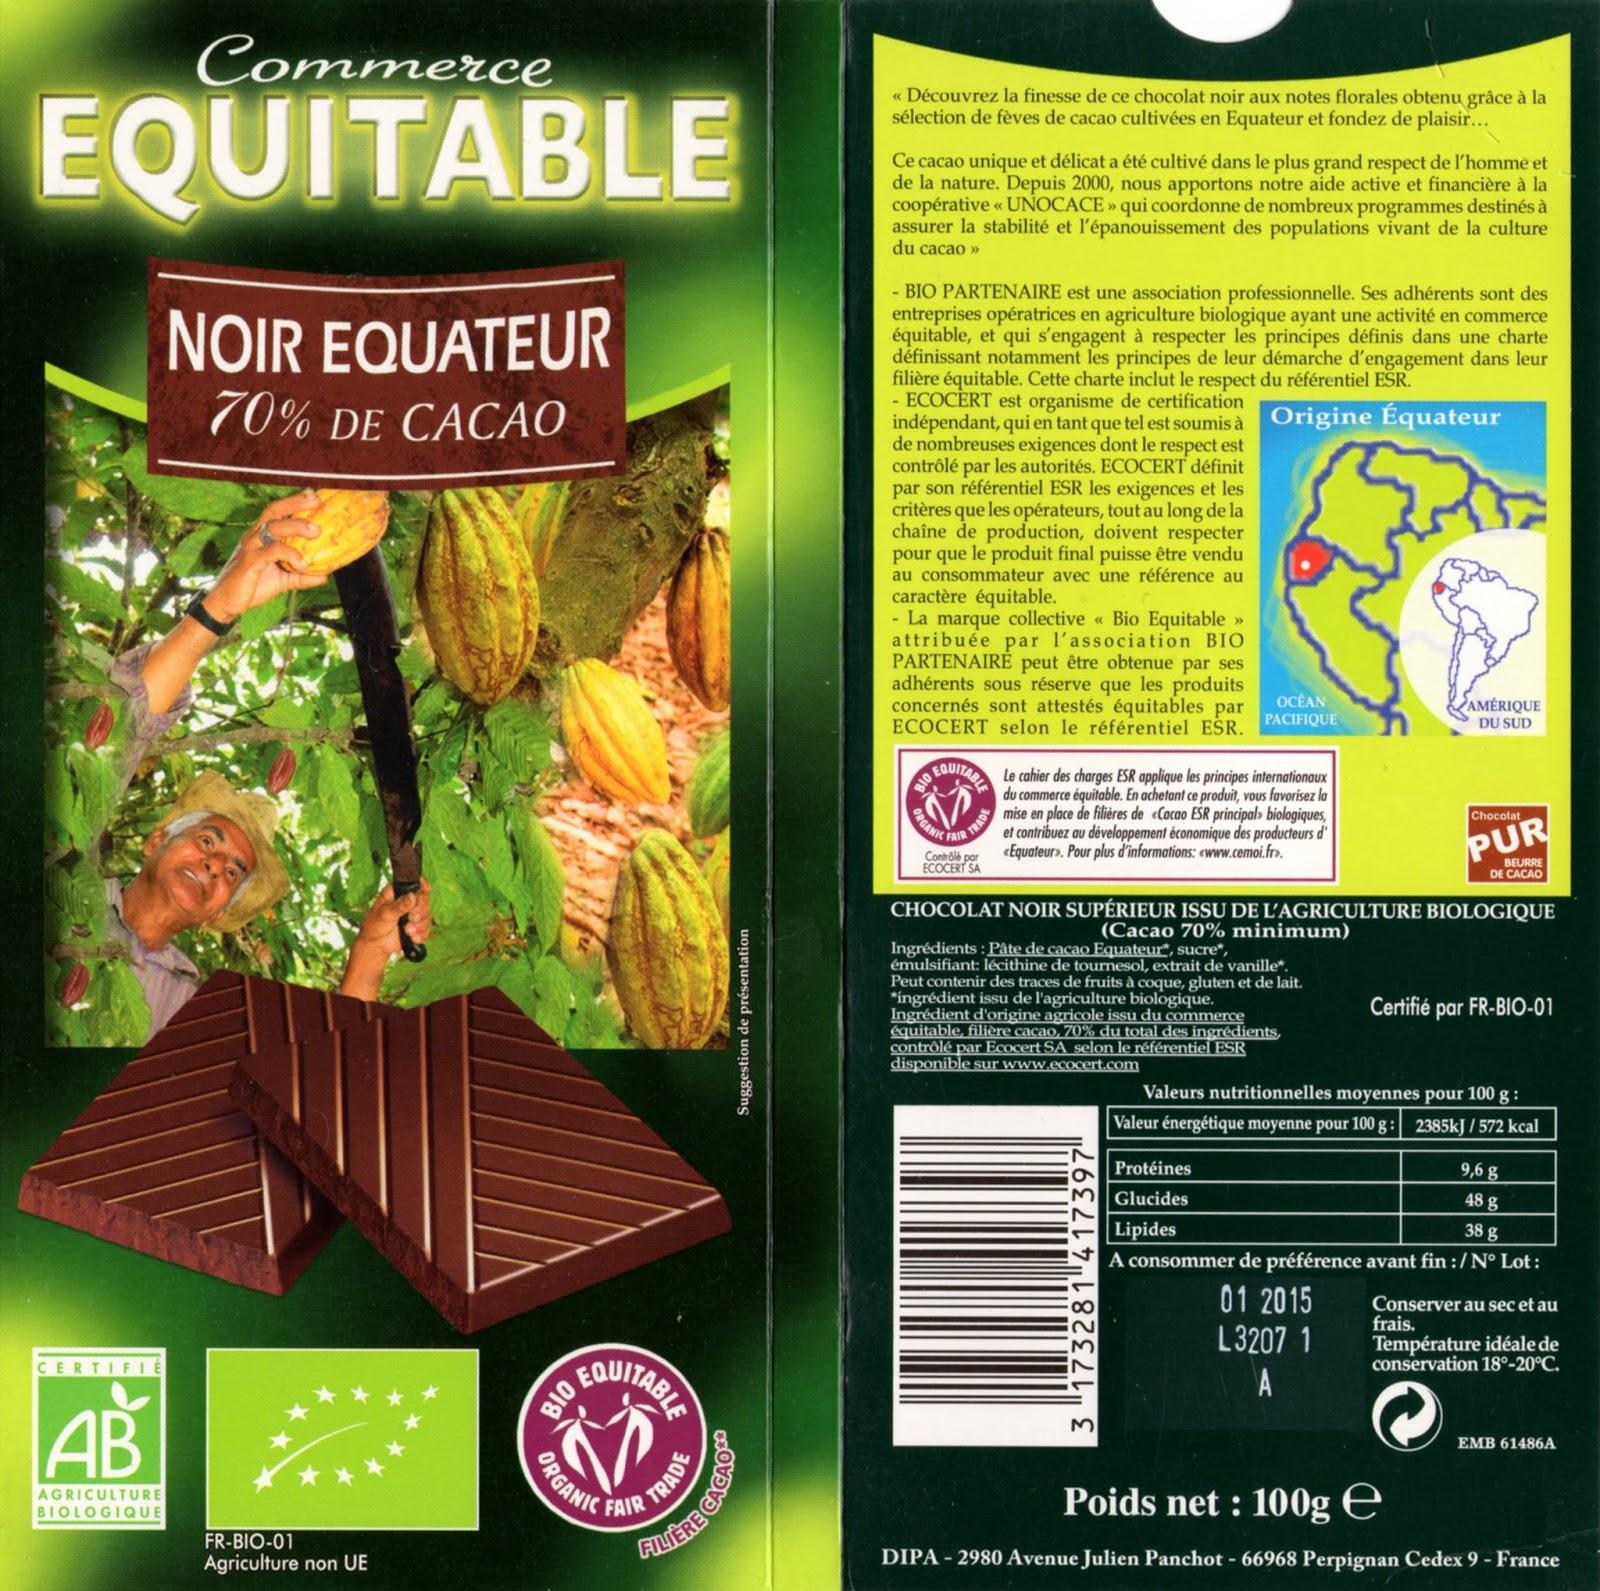 le-chocolat-dans-le-commerce-equitable